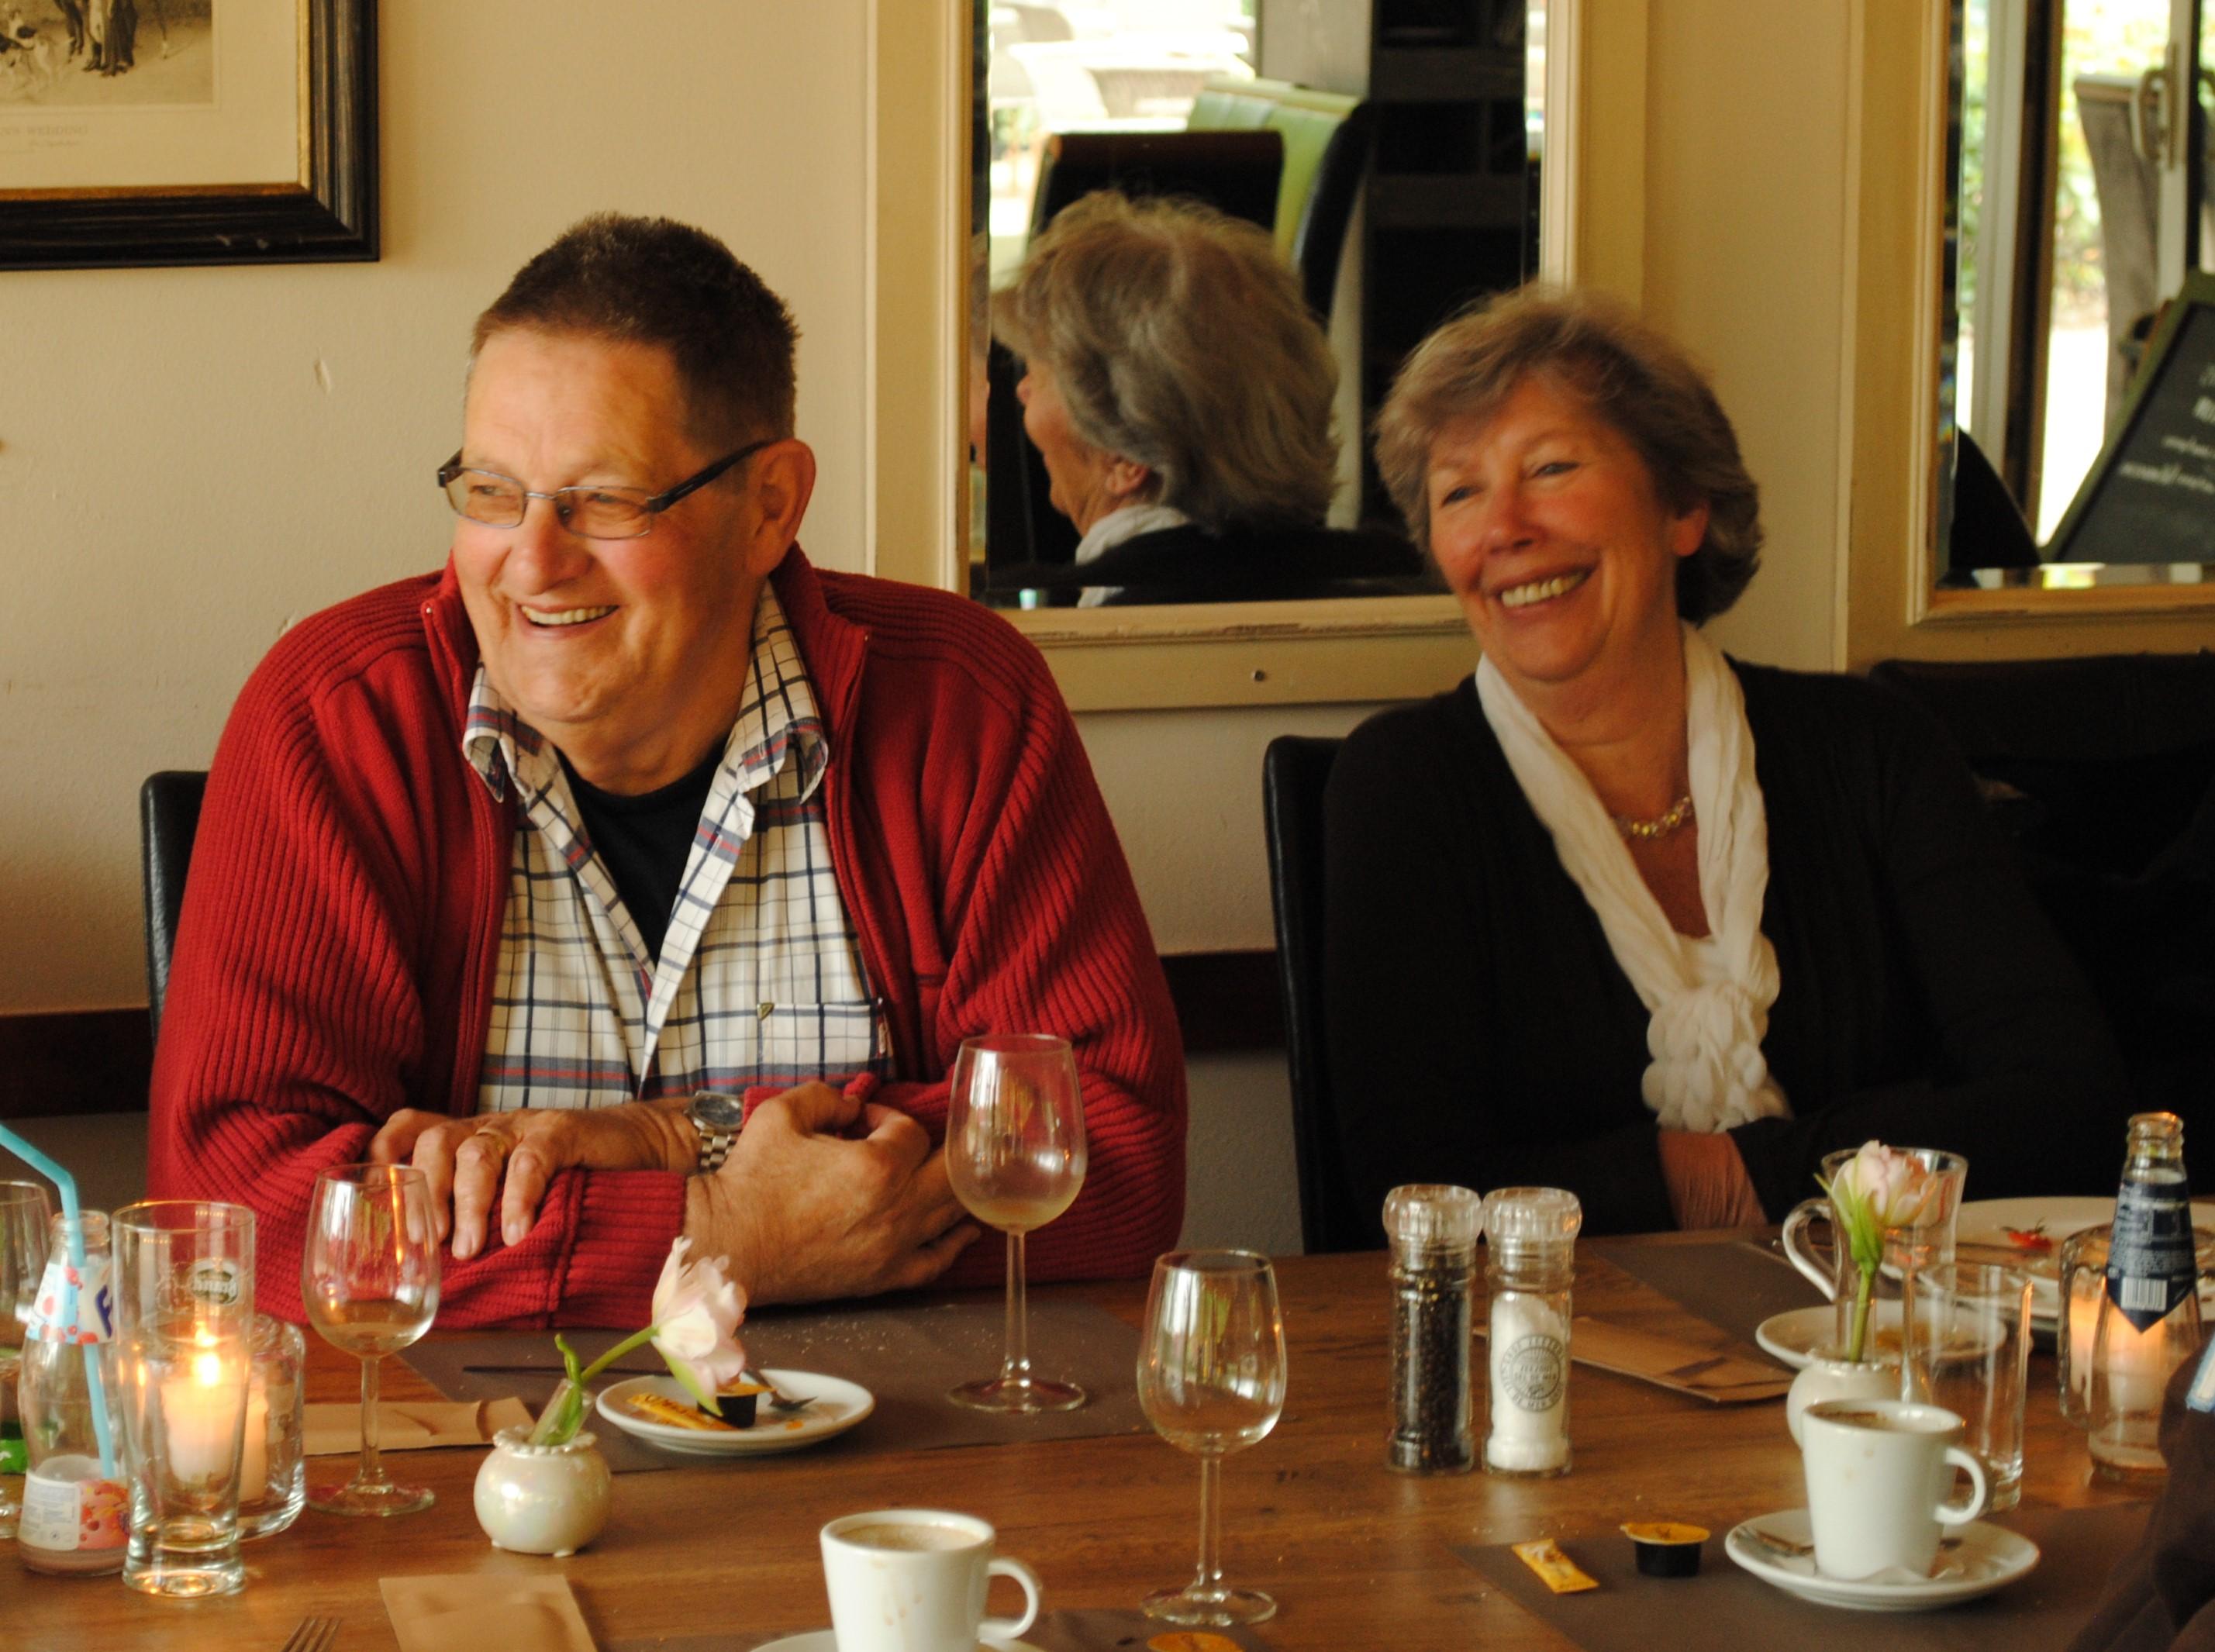 Leo en Annette bij de viering van zijn 65ste verjaardag in 2010.